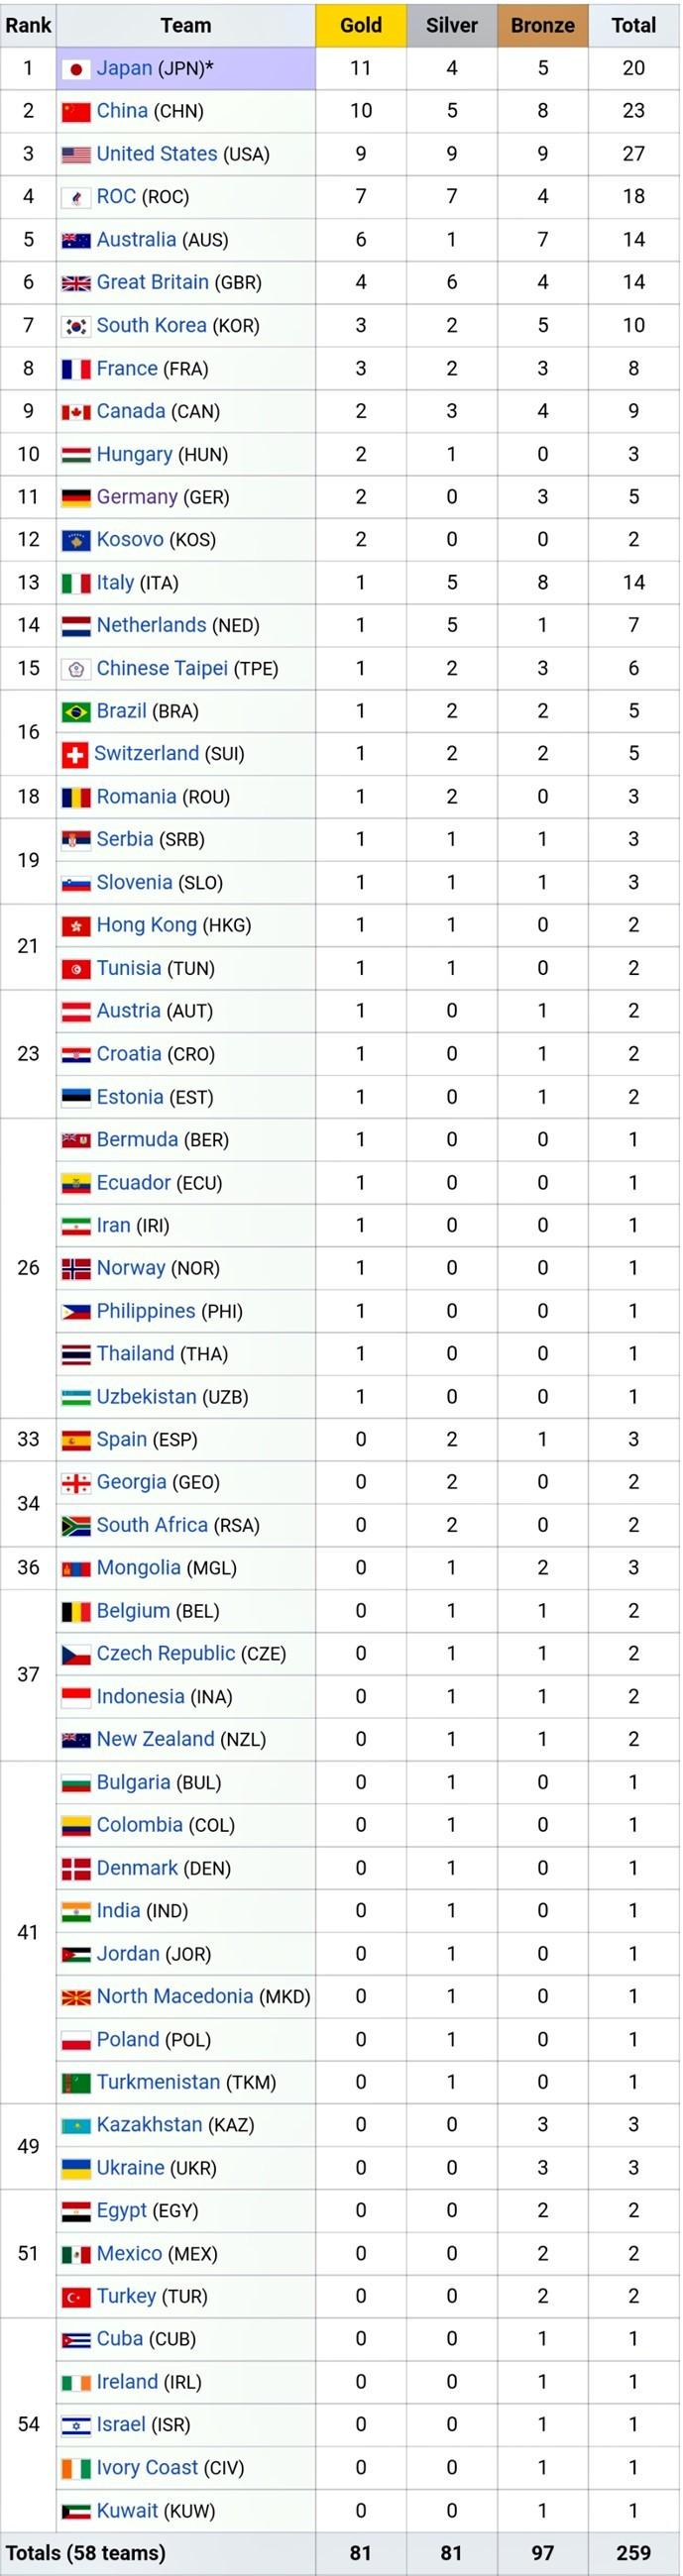 Bảng tổng sắp huy chương Olympic hôm nay 28/7: Nhật Bản đòi lại ngôi đầu